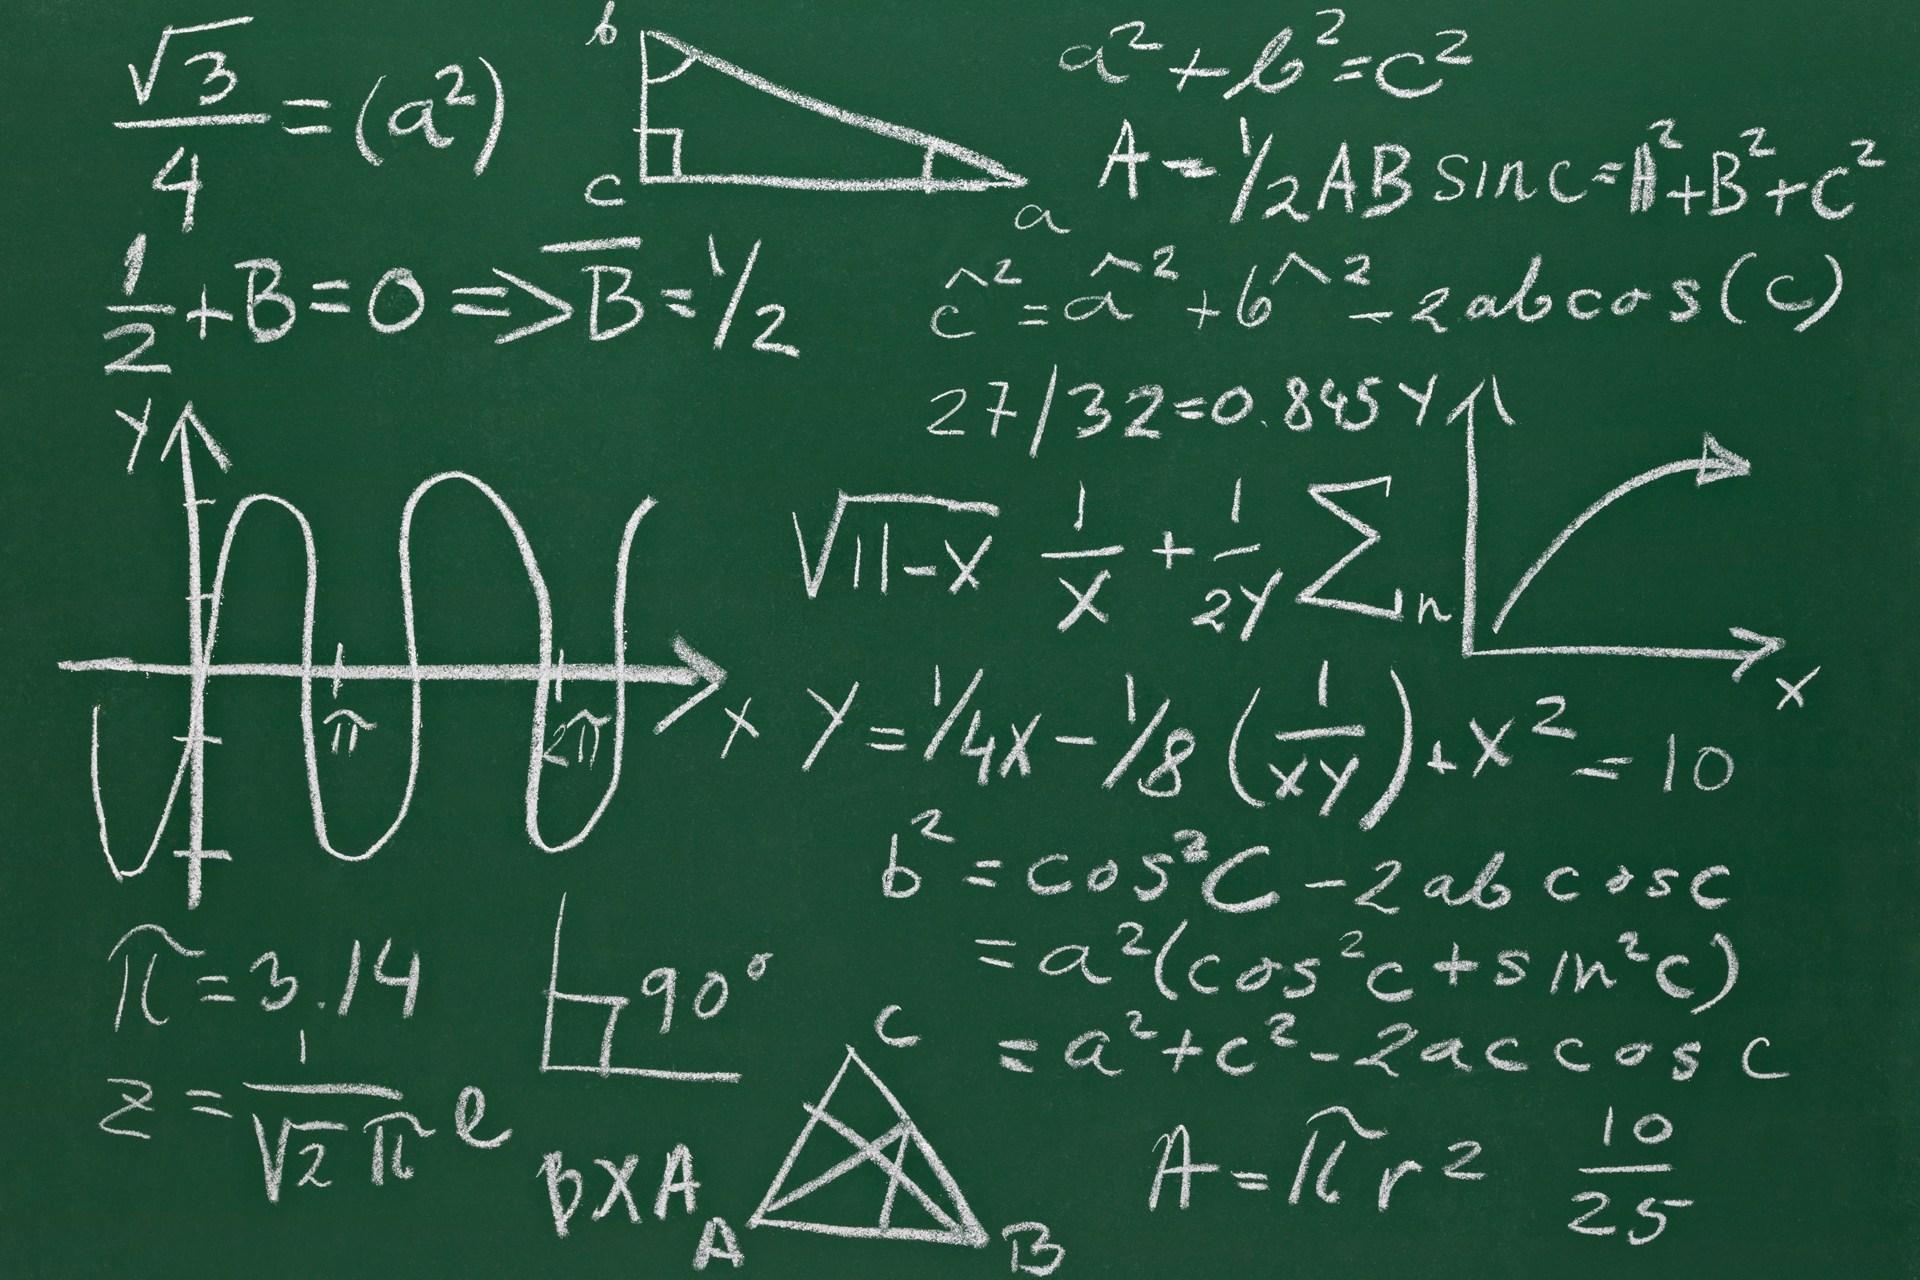 حدنصاب تراز دعوت به مصاحبه دکتری ریاضی کاربردی